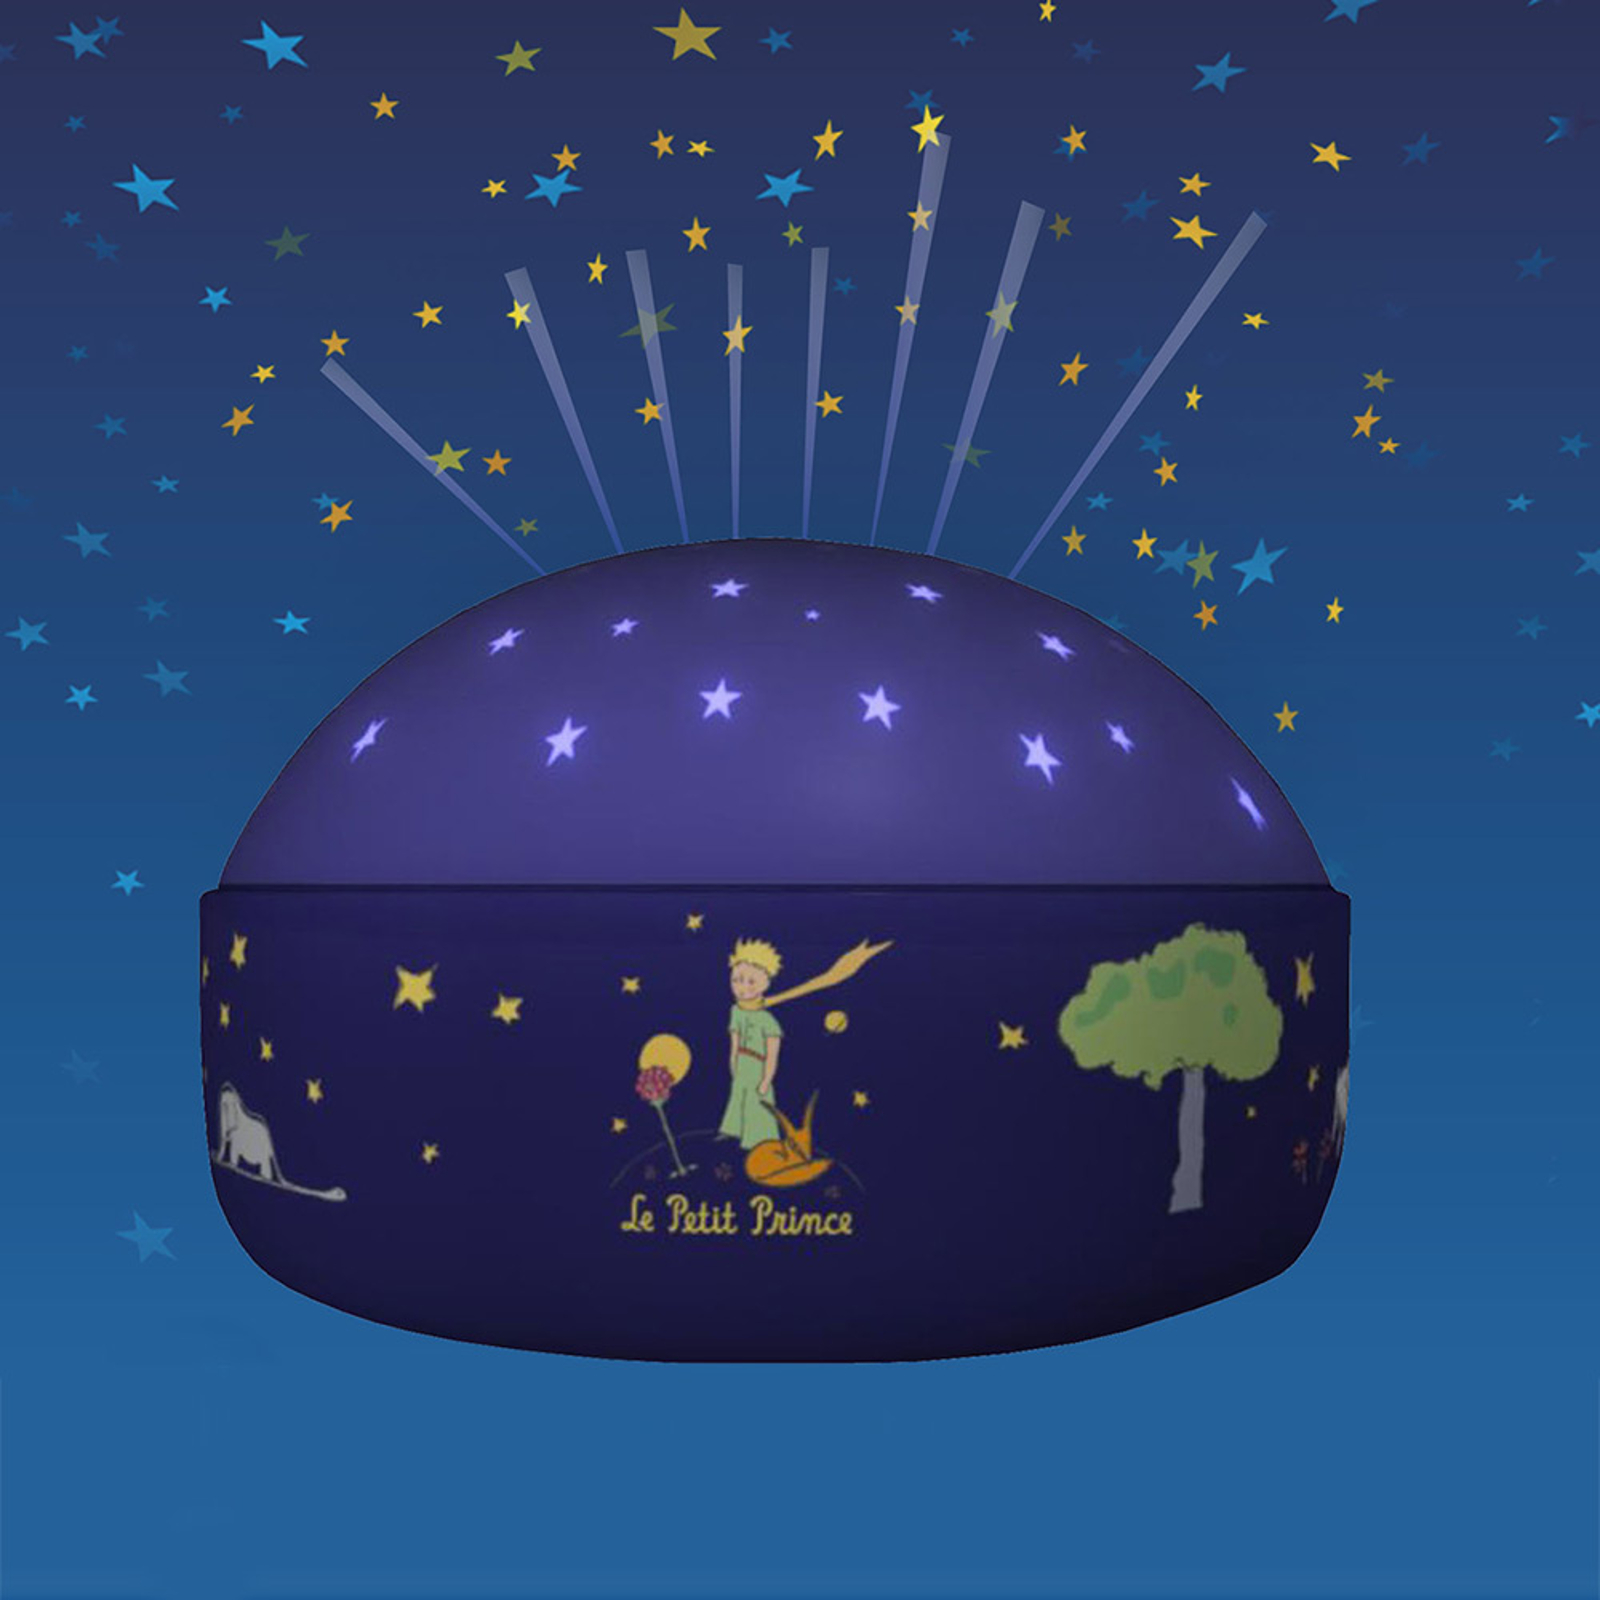 LED-Nachtlicht Der Kleine Prinz